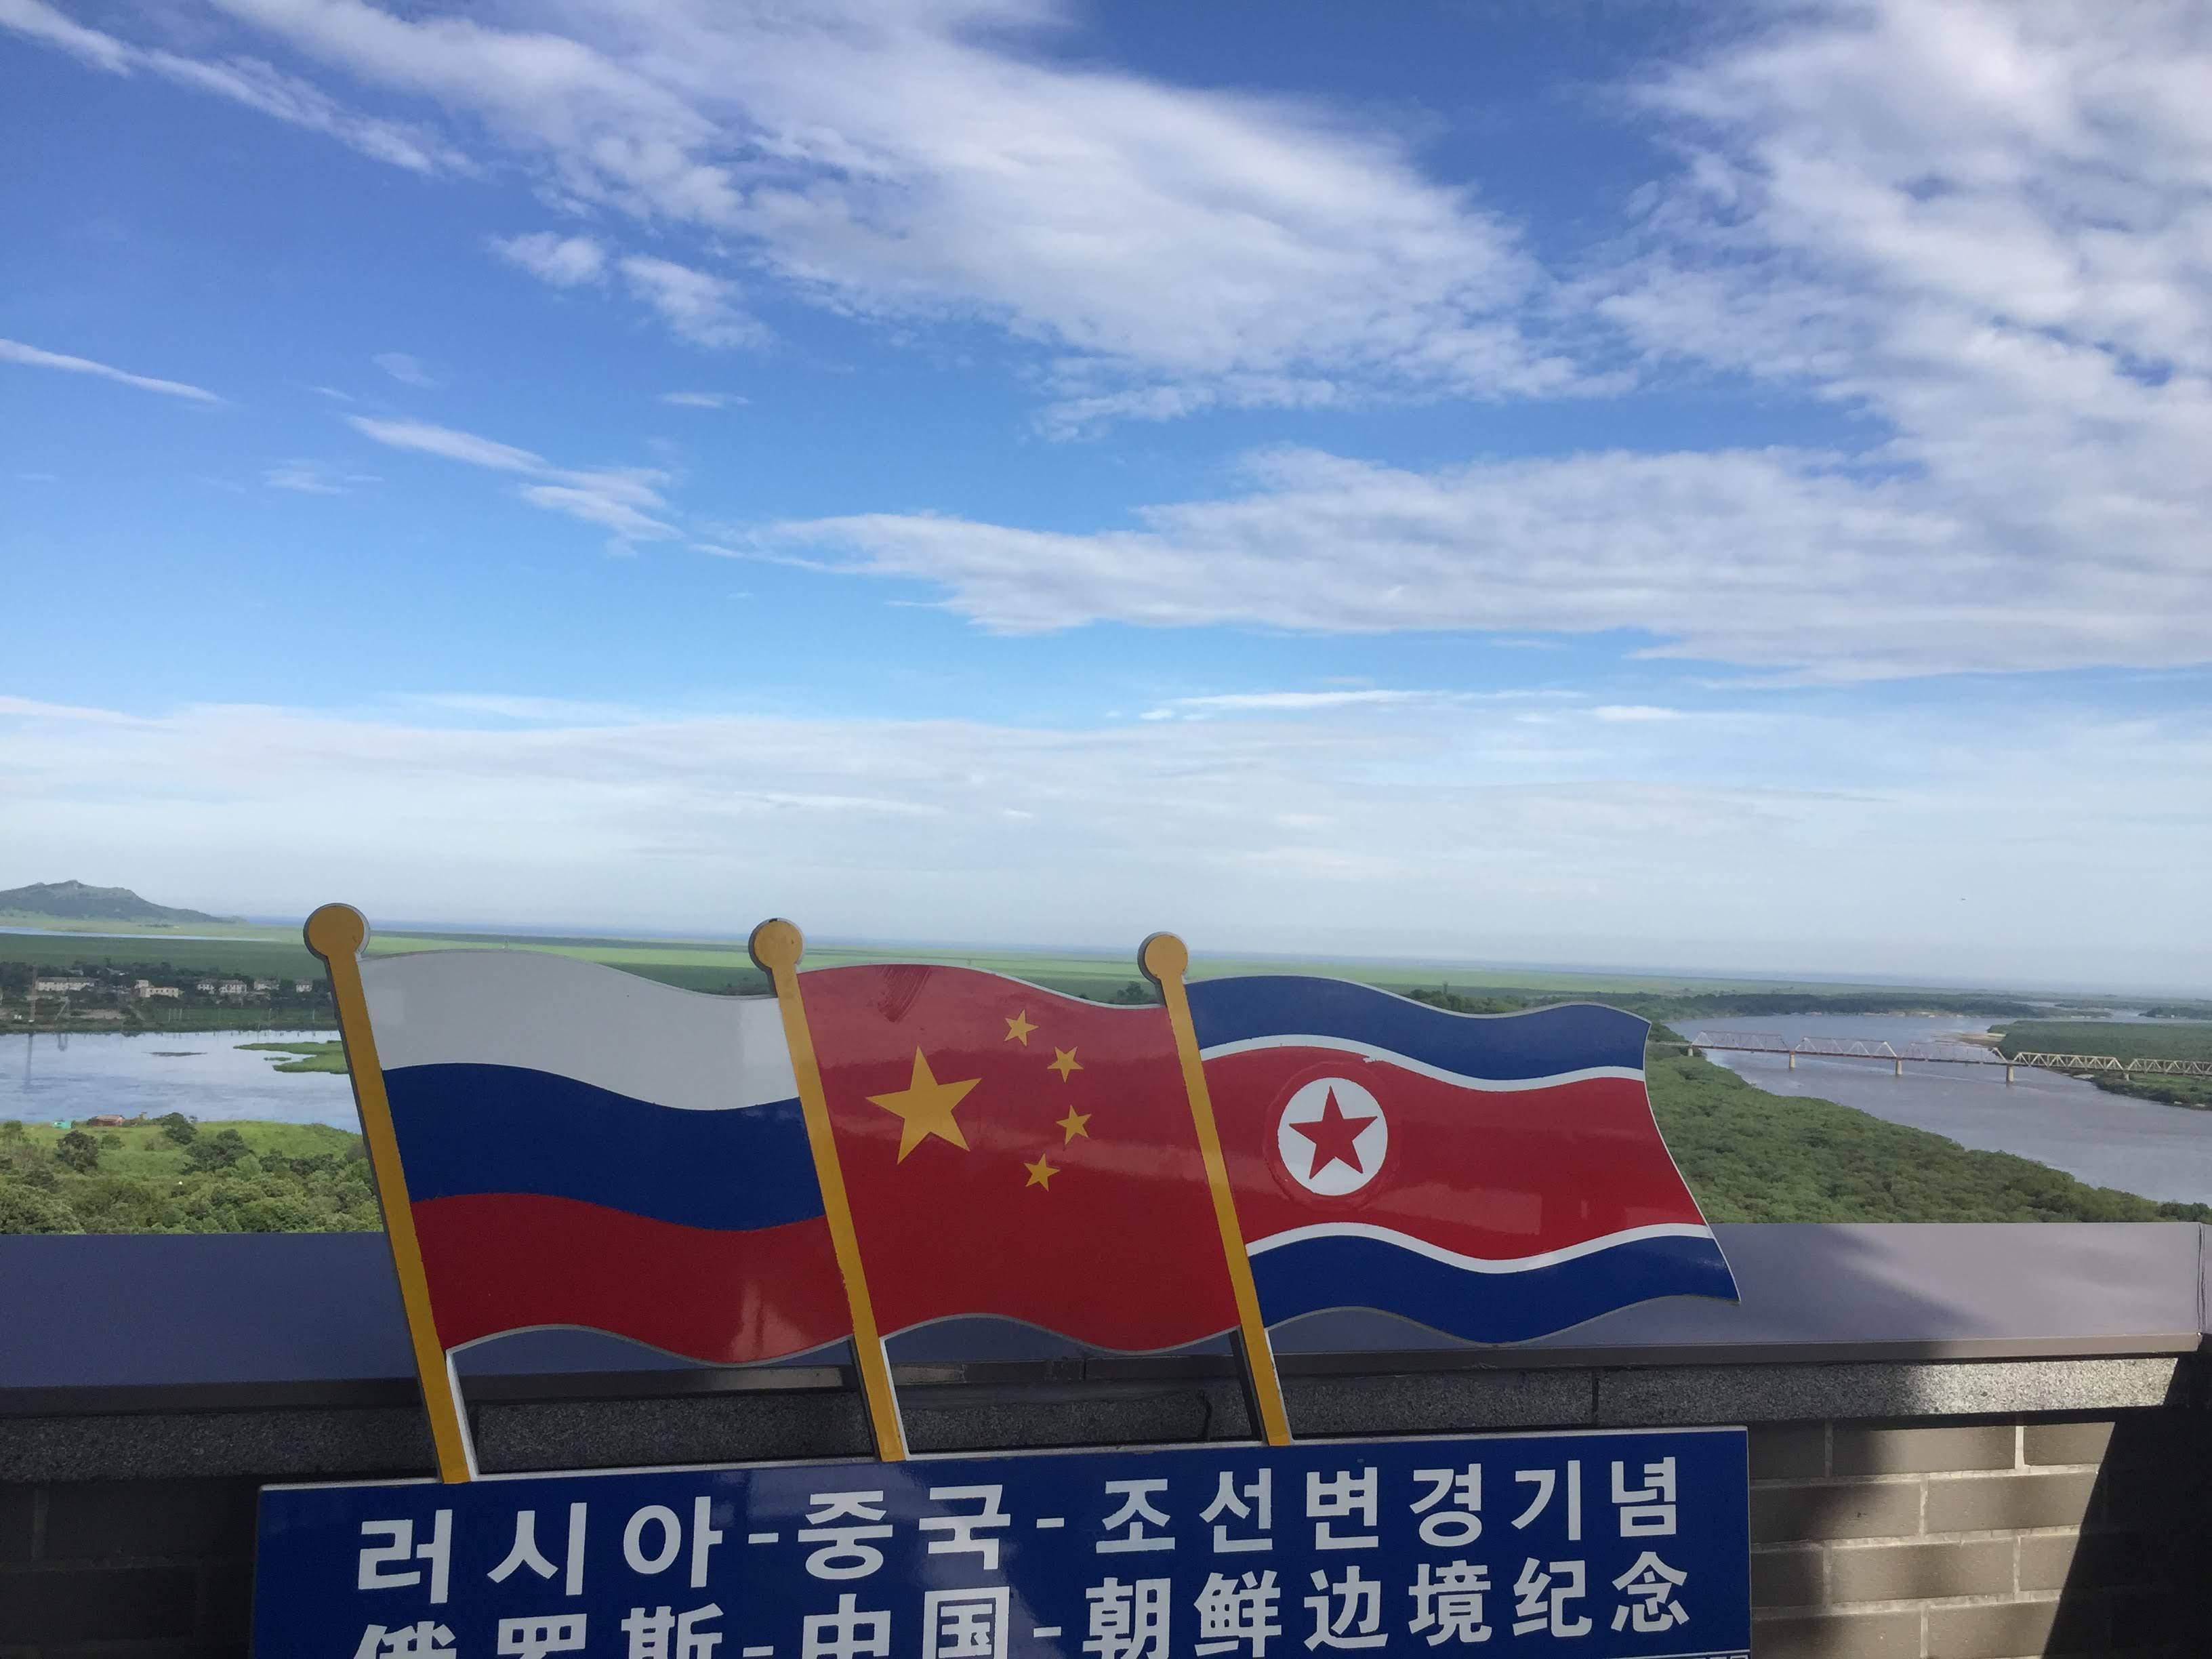 [동북아경제지도(1)] 북-중-러 만나는 곳에서 생각하는 평화와 번영